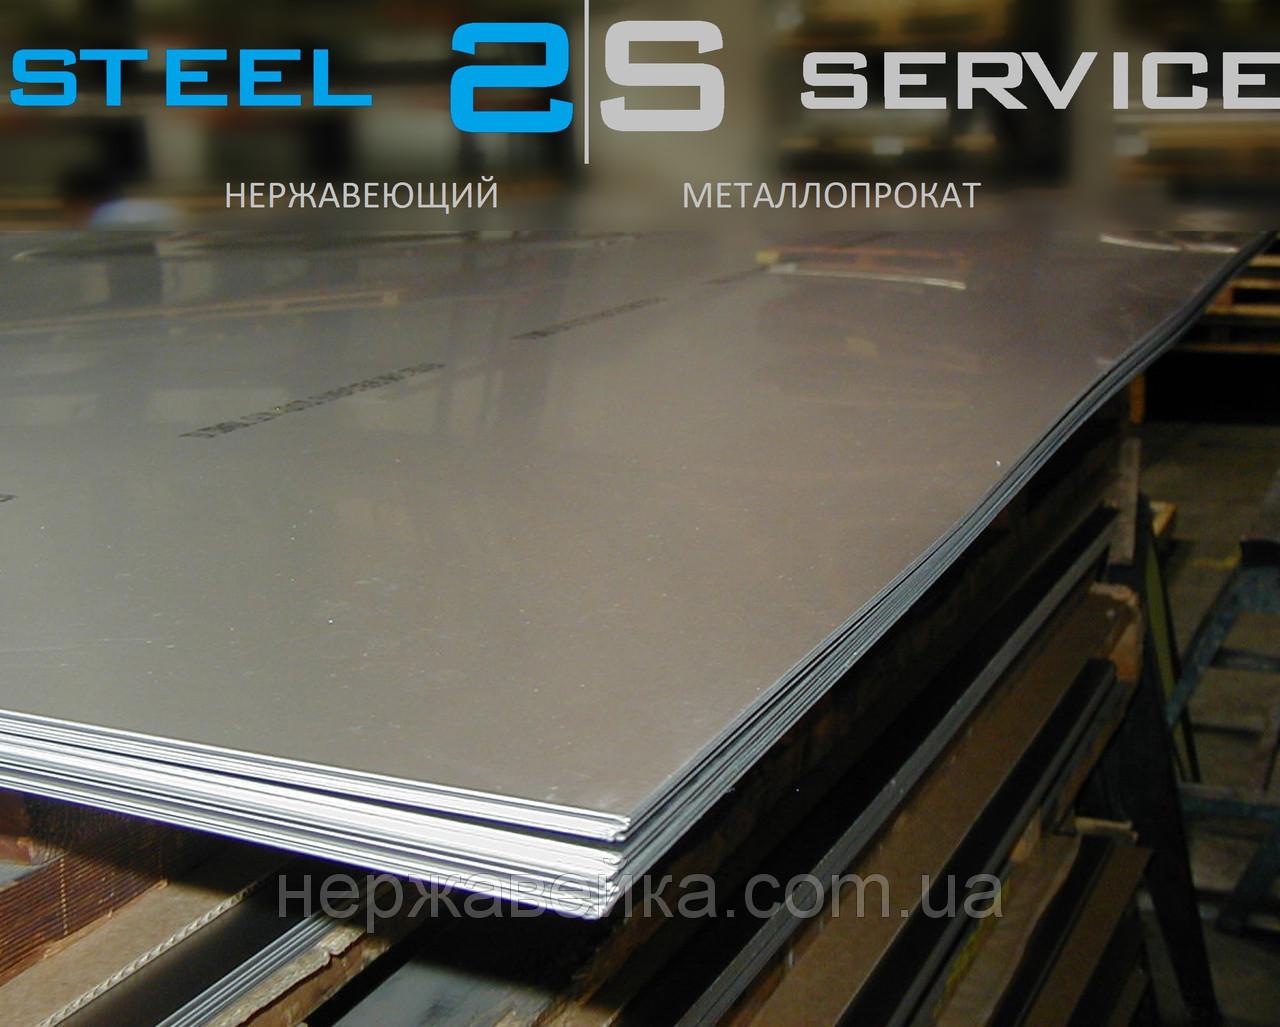 Нержавеющий лист 2х1500х3000мм  AISI 309(20Х23Н13, 20Х20Н14С2) 2B - матовый,  жаропрочный